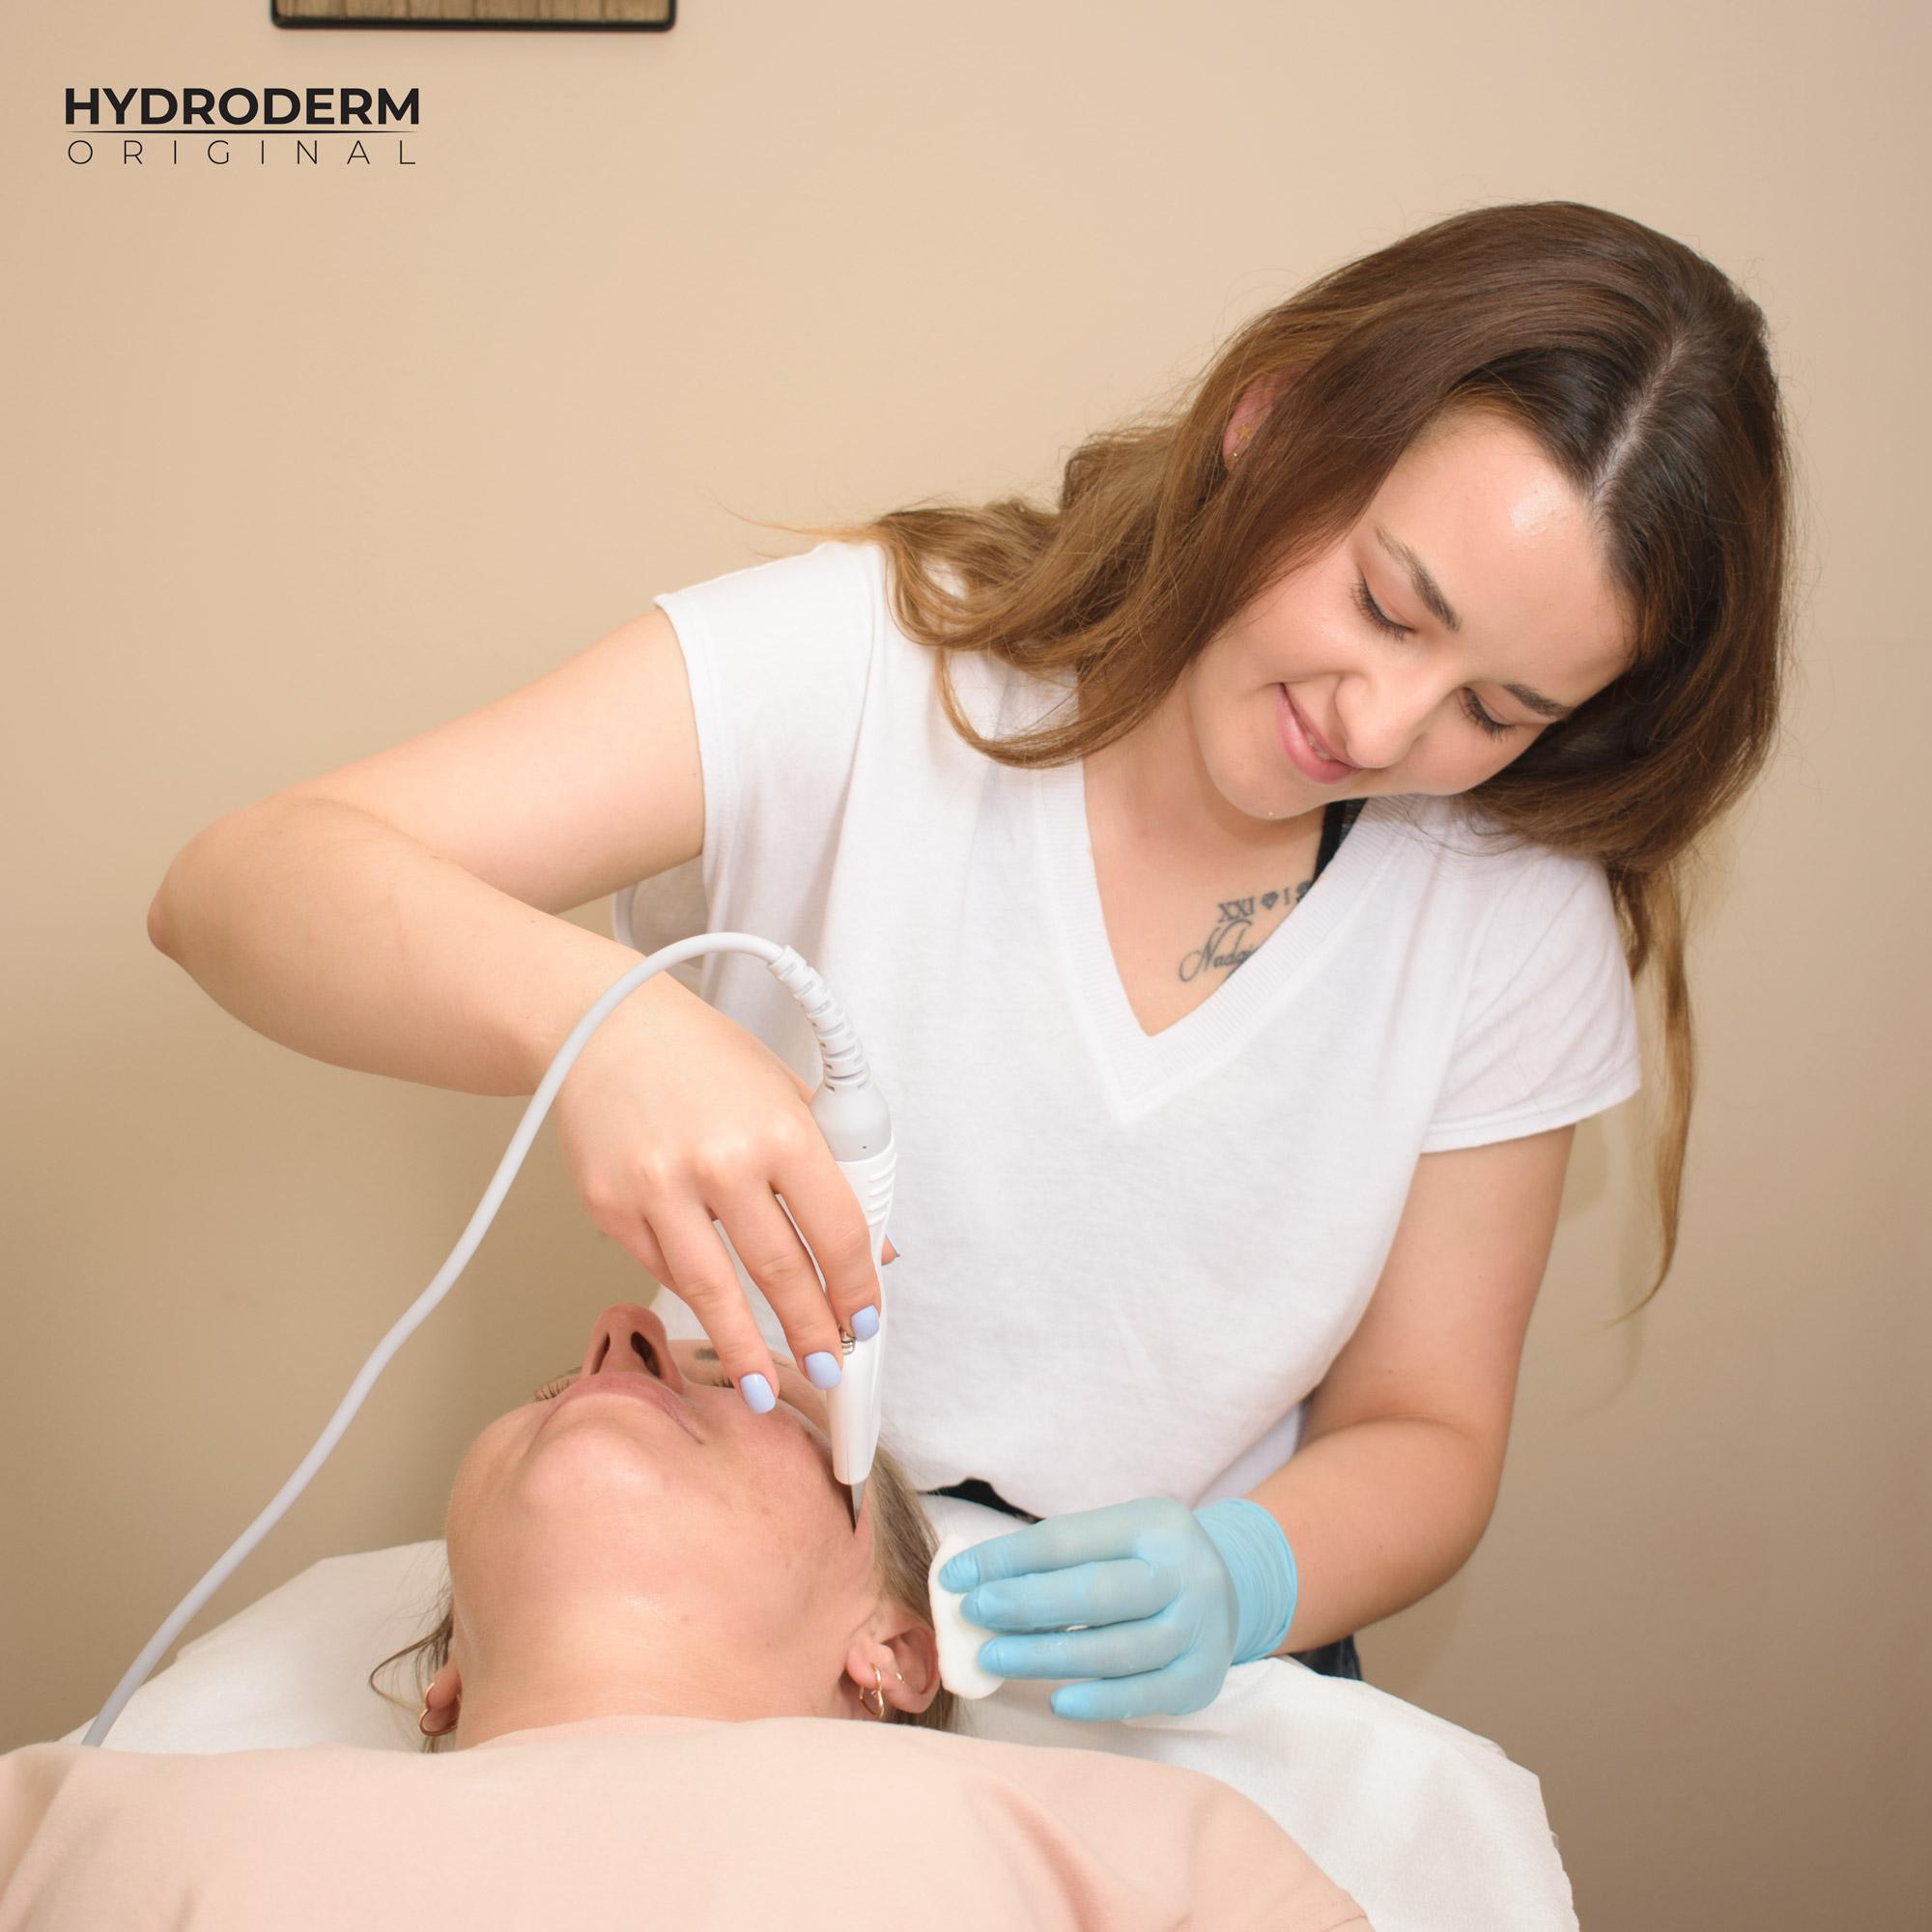 Kombajn do terapii aktywnym wodorem pomaga usunąć problemy skórne, takie jak tądzik i przebarwienia